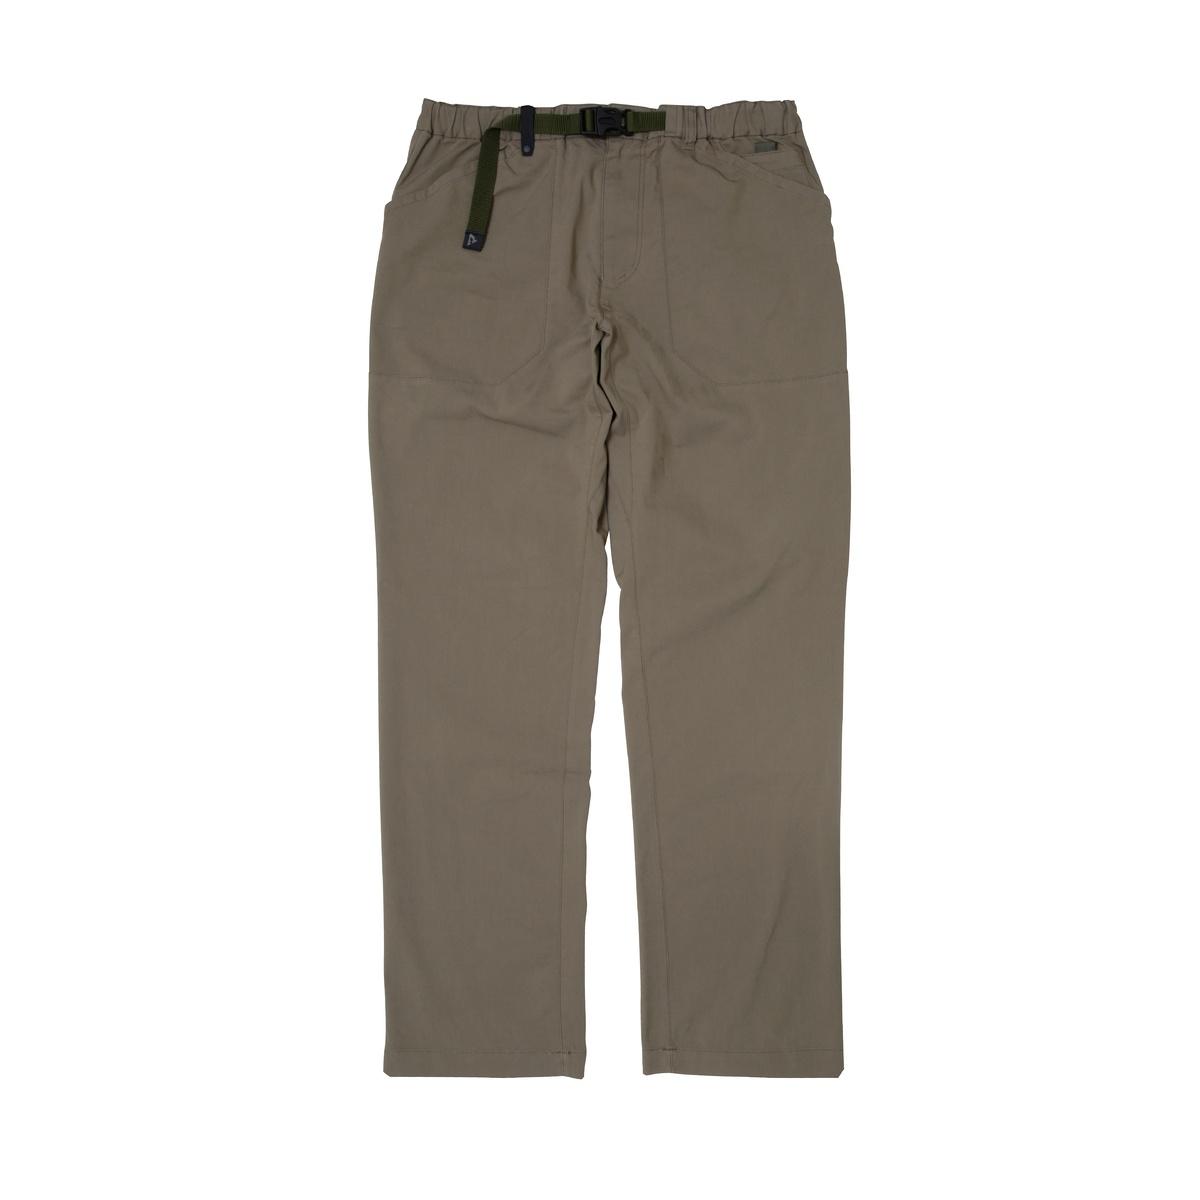 【送料無料】 Phenix (フェニックス) トレッキング アウトドア ロングパンツ PROMPT PANTS メンズ OD PHA12PA20 OD